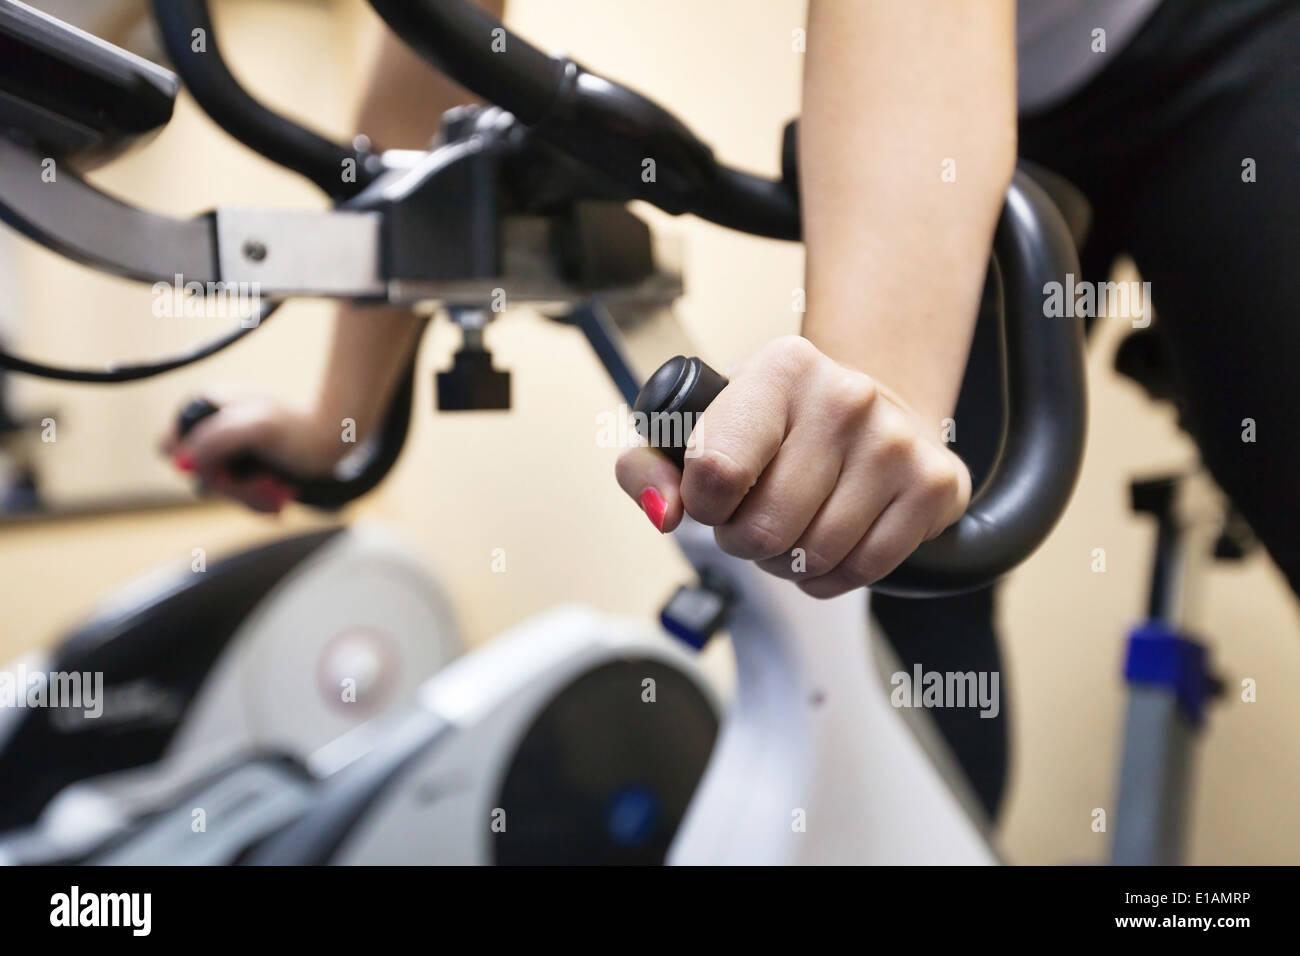 La formación en el centro de fitness Imagen De Stock